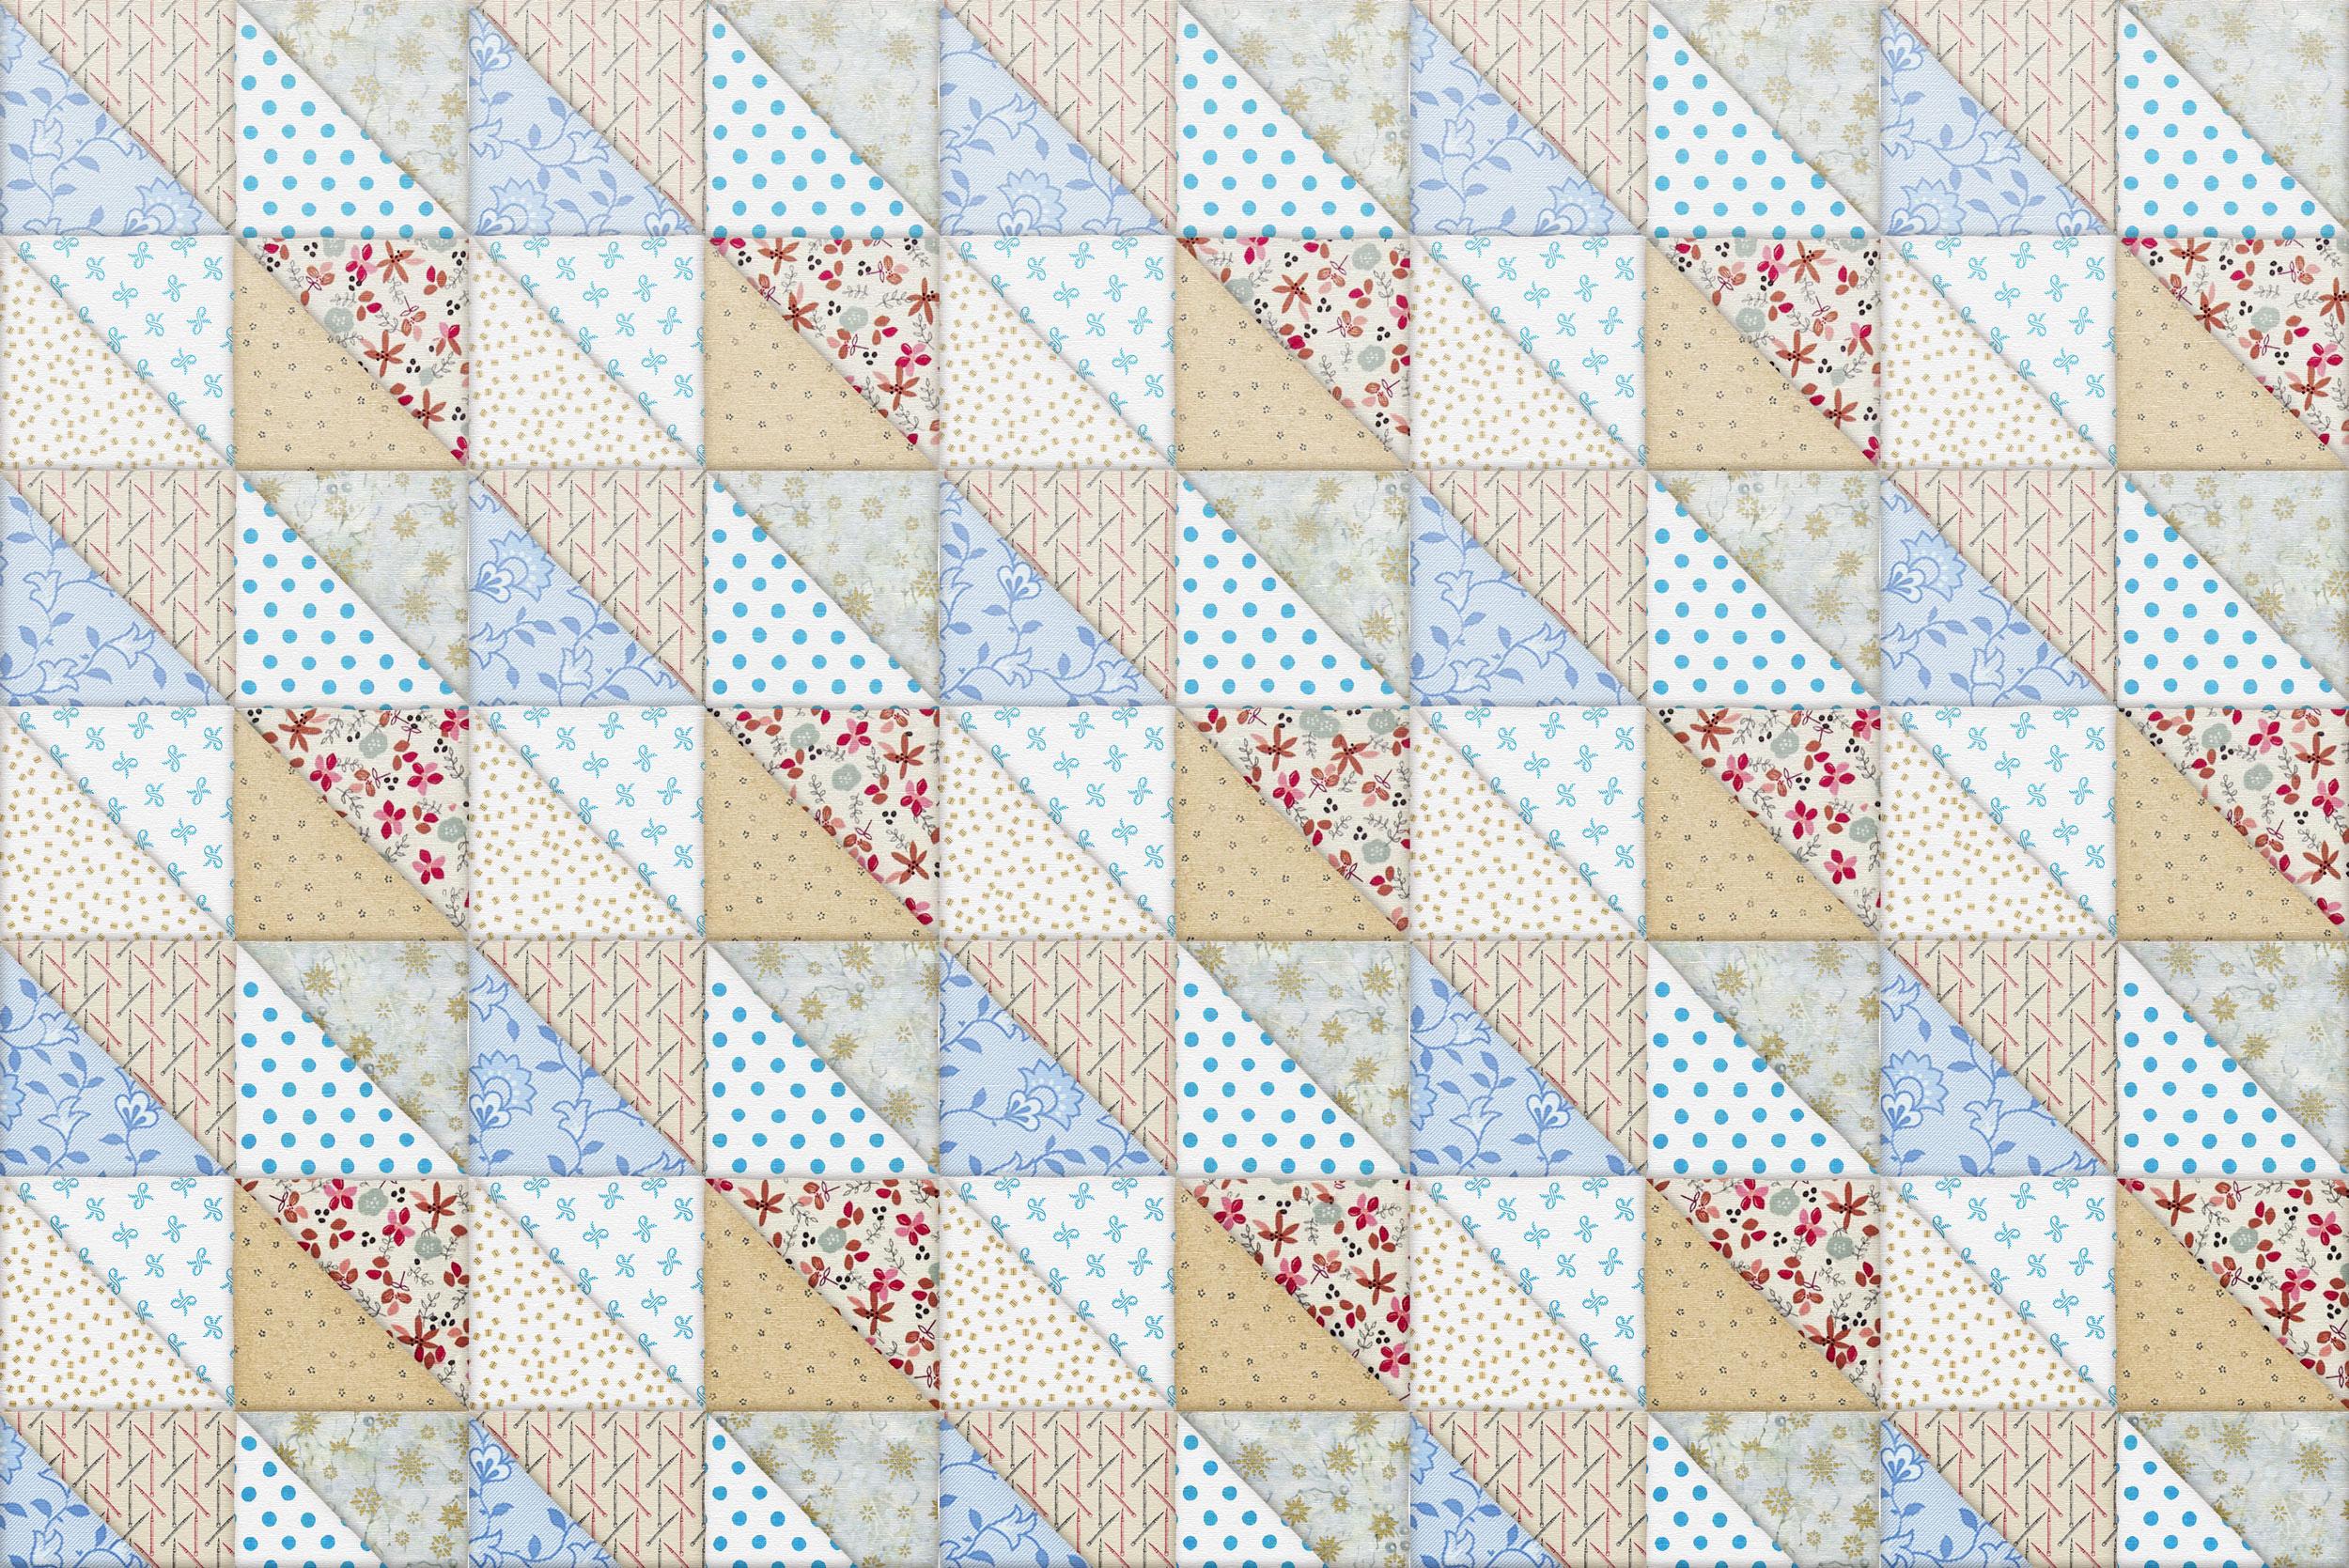 Изображение одеяла из текстильных треугольников.